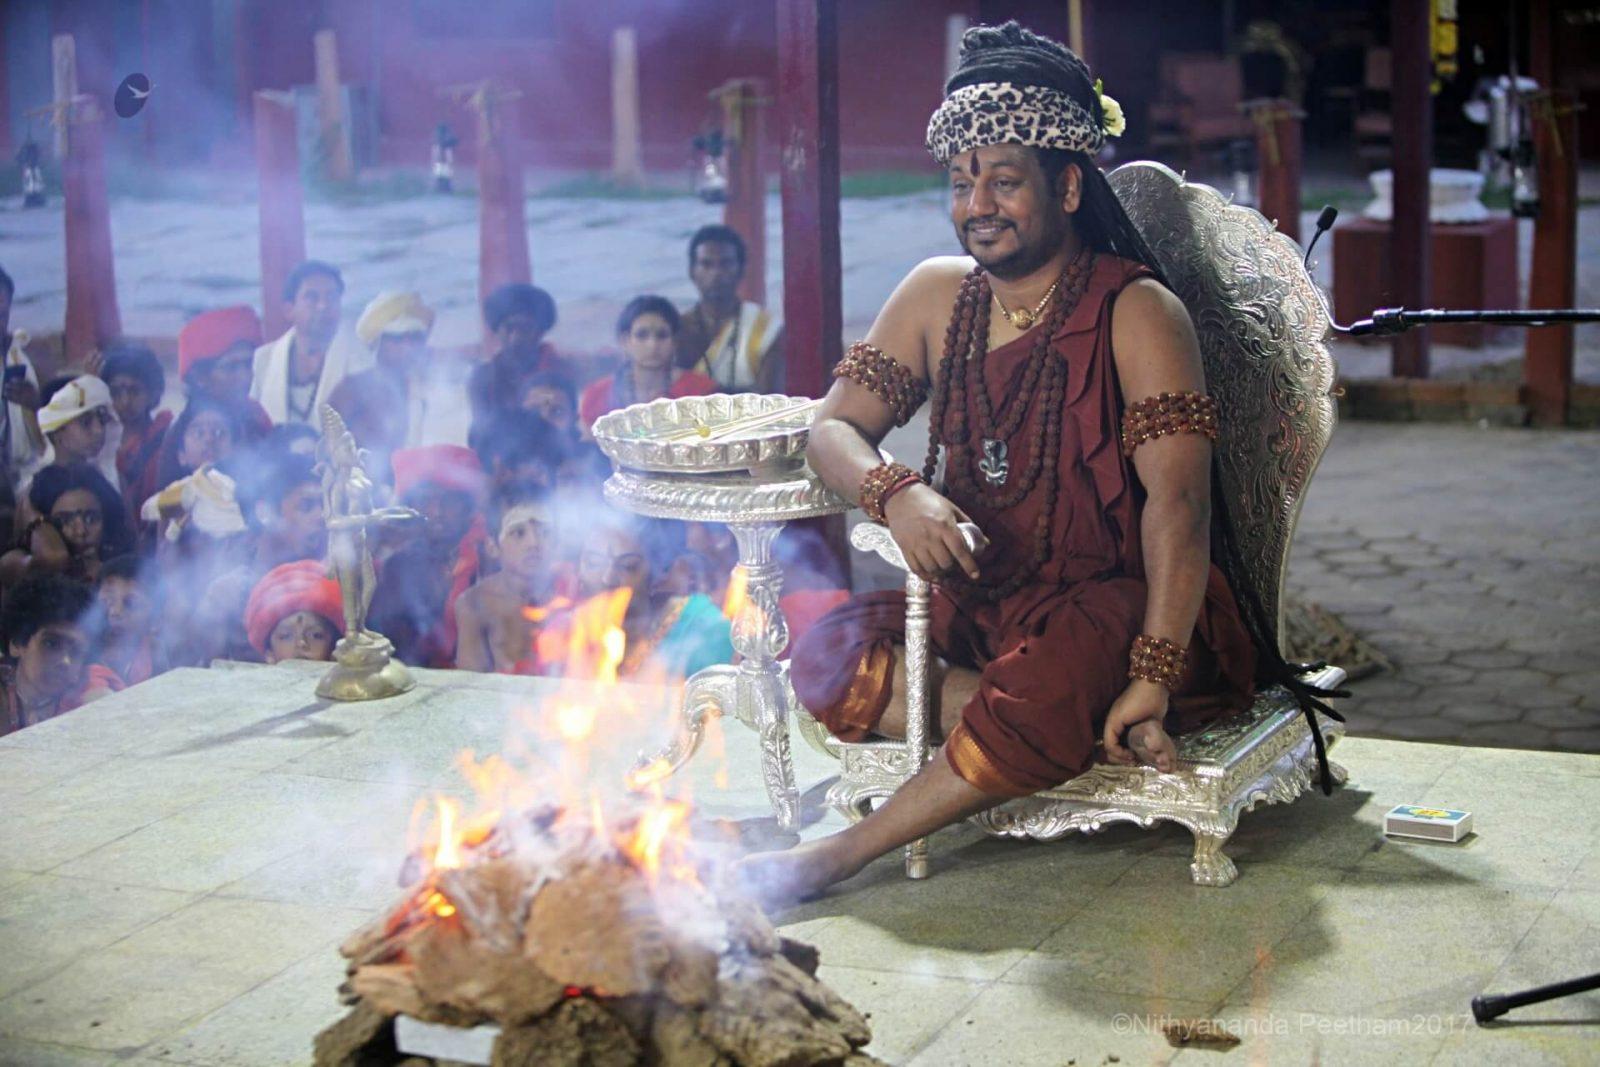 Benefits of Haritaki and Aushada made by Paramahamsa Nithyananda include third eye awakening